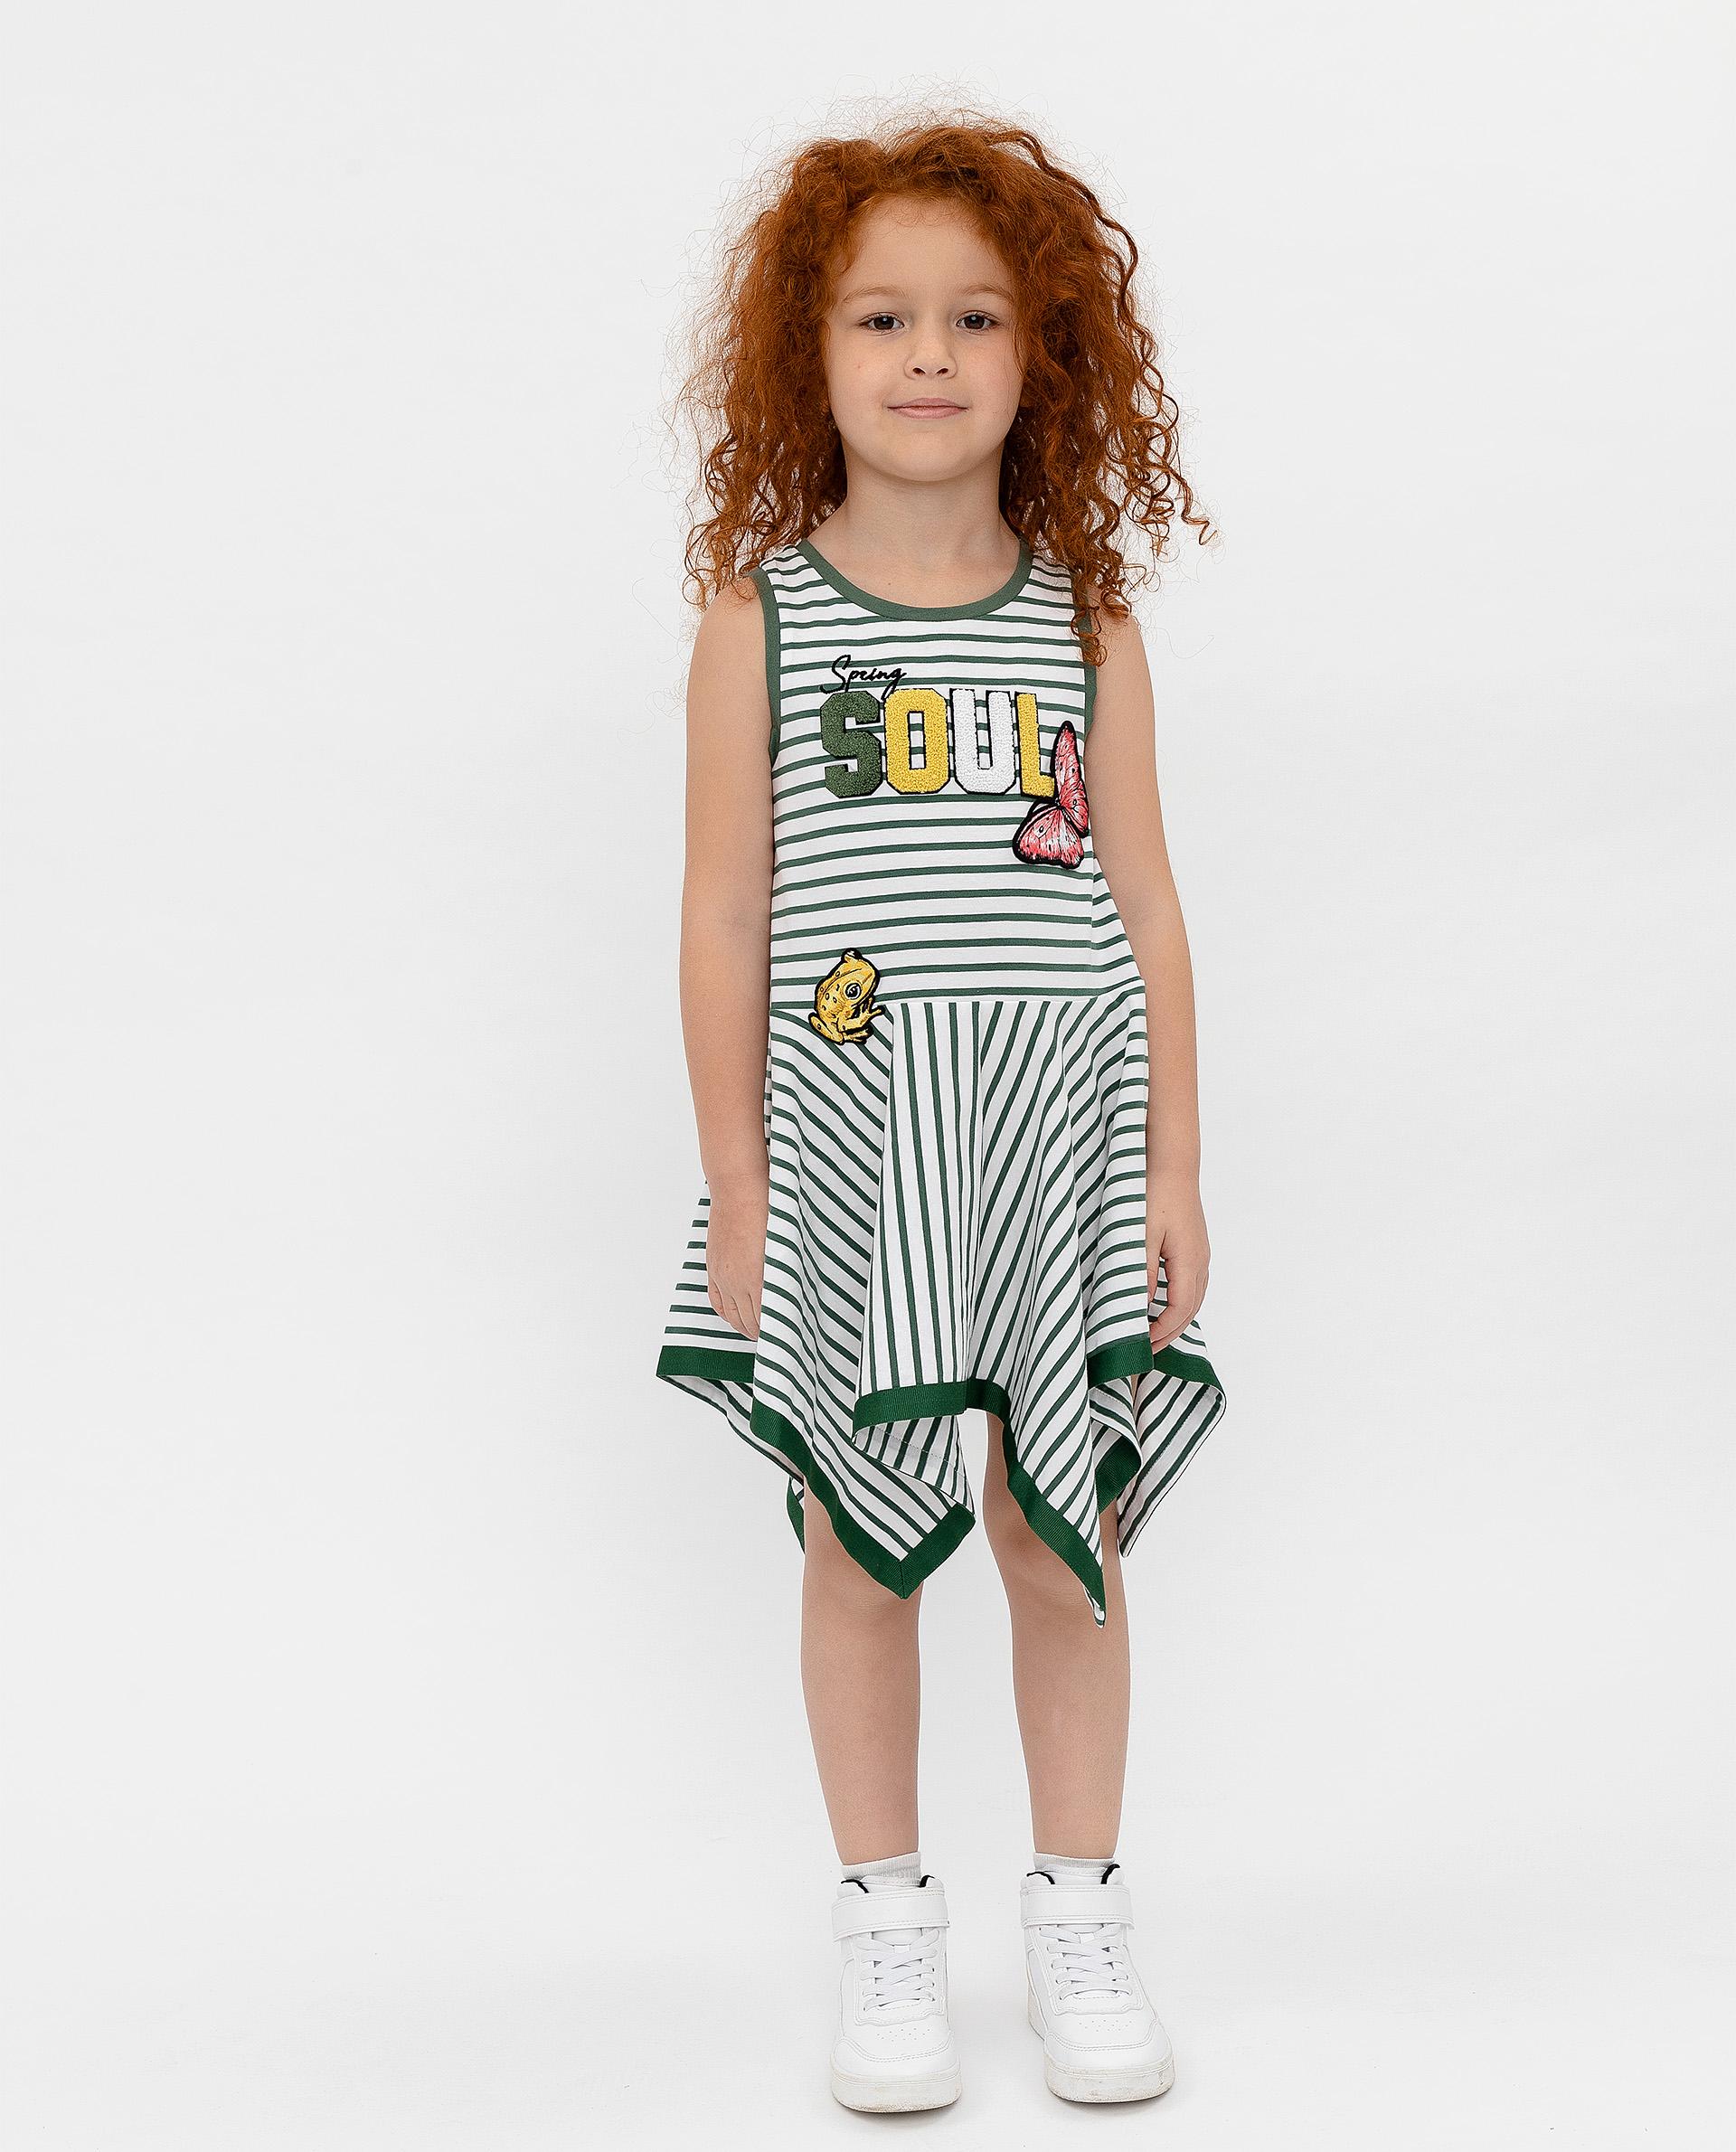 Купить 12002GMC5005, Платье в полоску Gulliver, белый, 116, Женский, ВЕСНА/ЛЕТО 2020 (shop: GulliverMarket Gulliver Market)